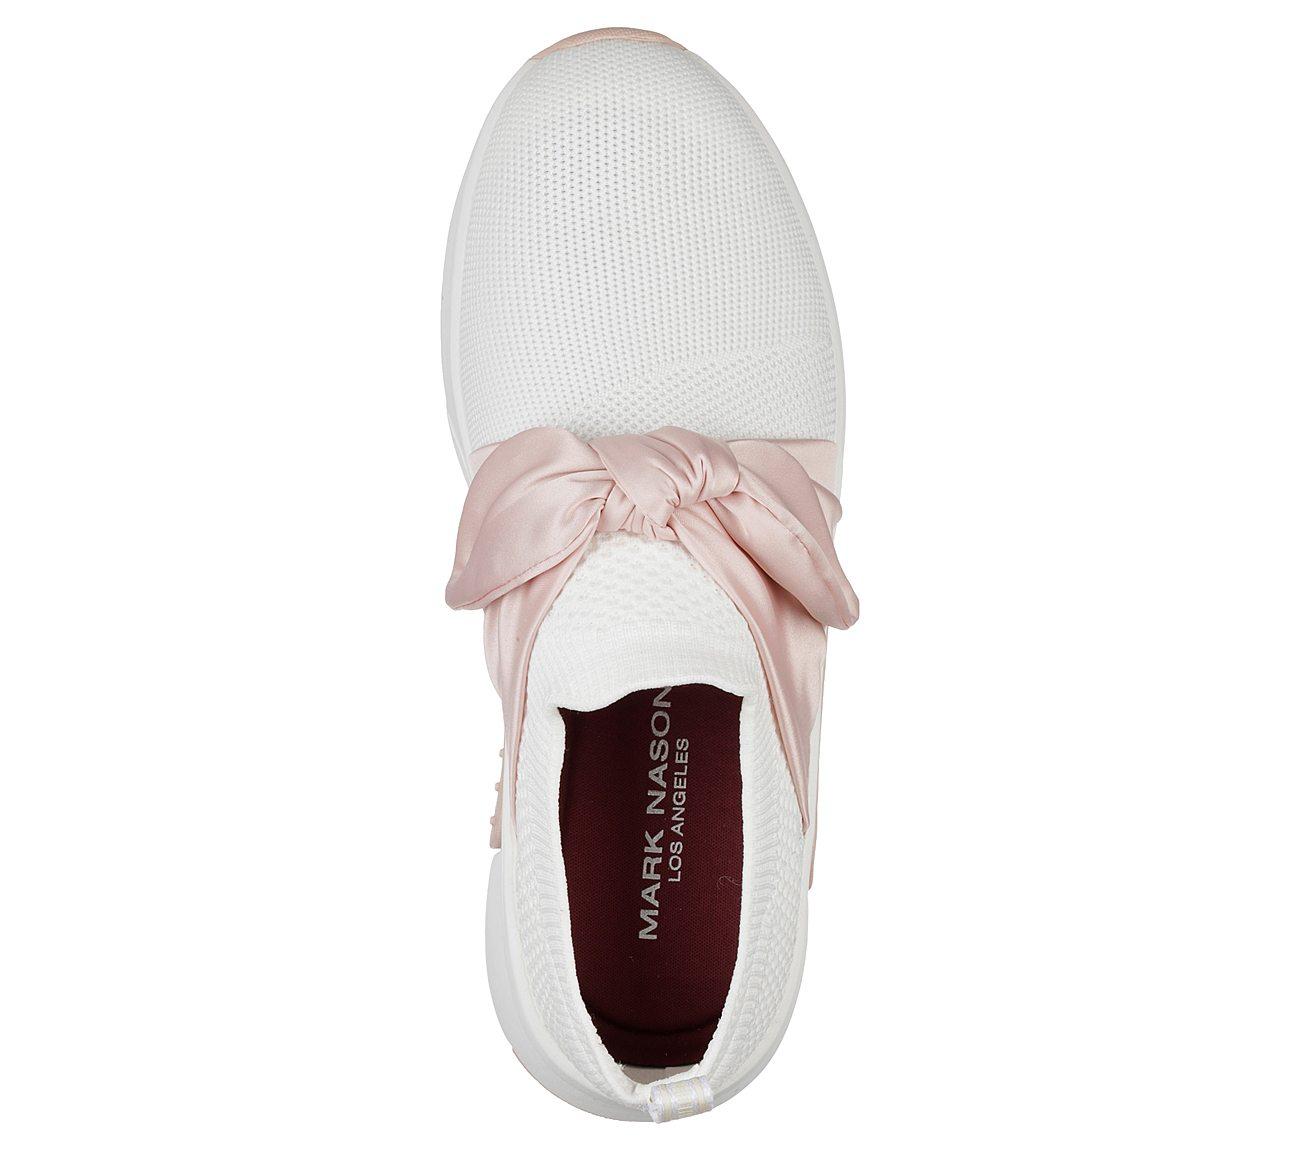 8c7b62f590e Buy SKECHERS Modern Jogger - Debbie Mark Nason Shoes only £80.00